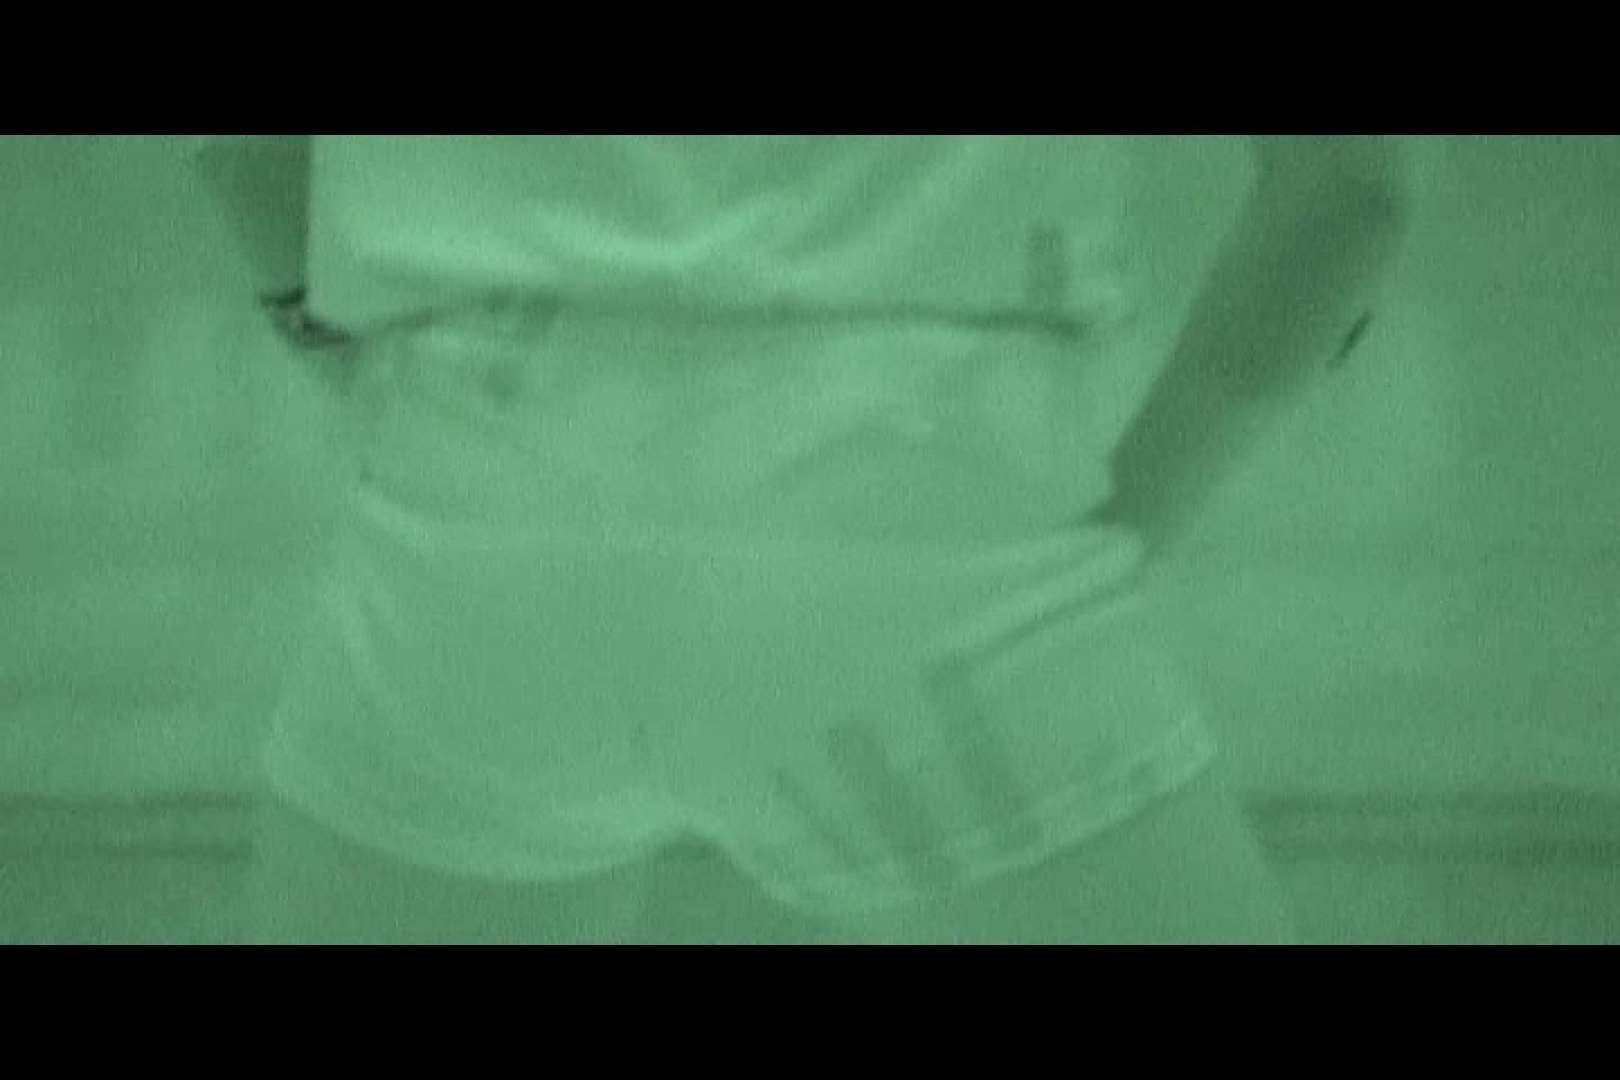 赤外線ムレスケバレー(汗) vol.16 アスリート 隠し撮りオマンコ動画紹介 91枚 47